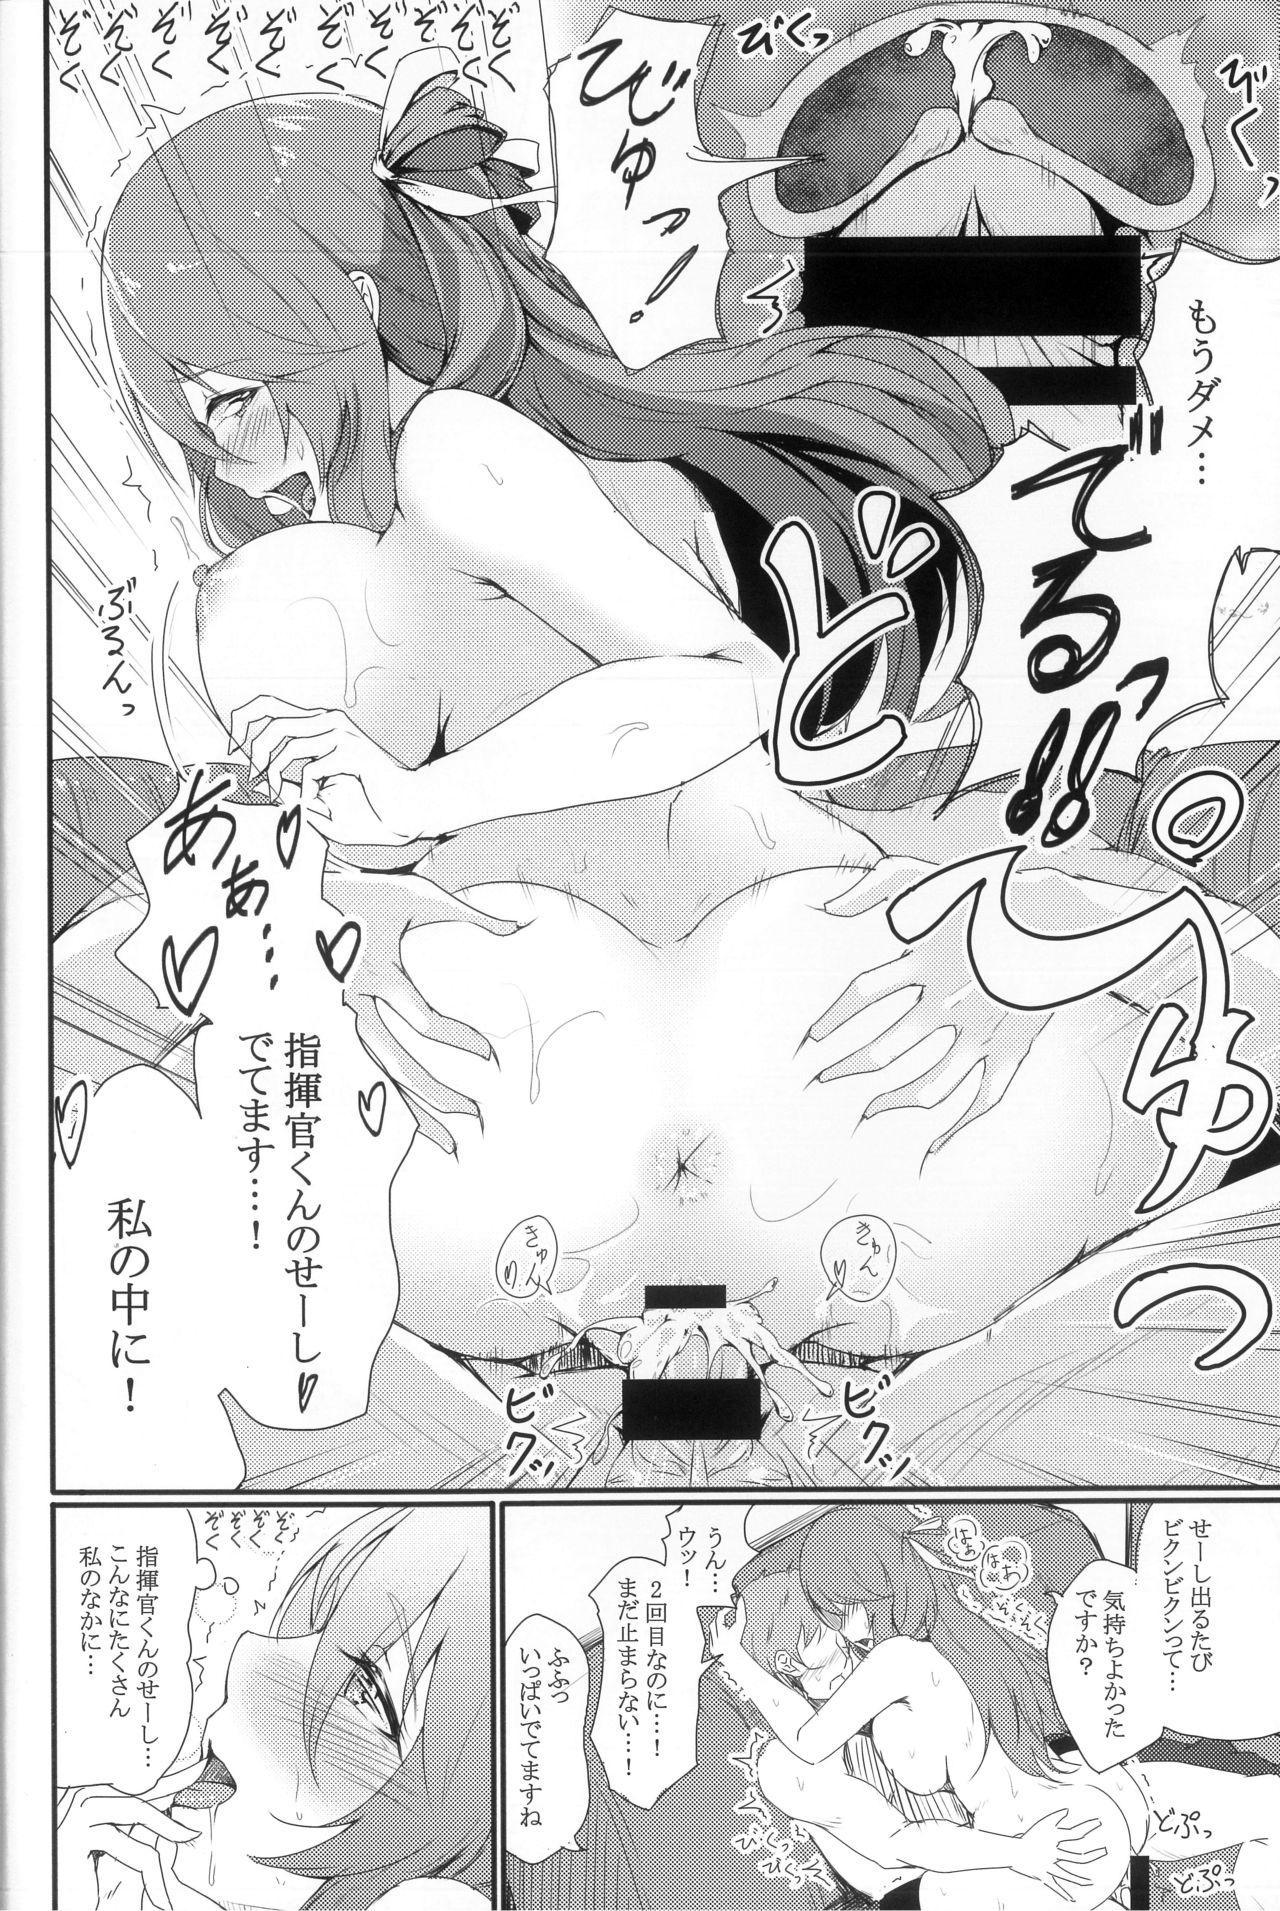 Dekiru Onee-san wa Suki desu ka? 17